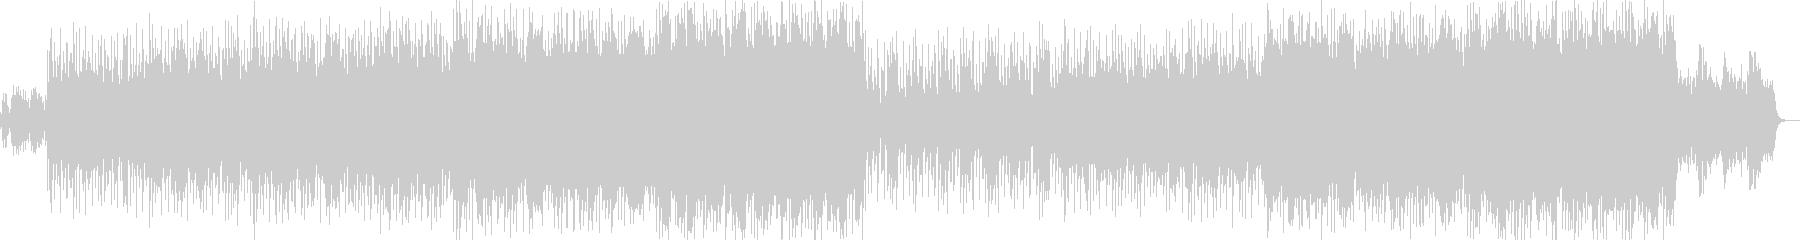 明るく爽やかなオーケストラポップ-01の未再生の波形